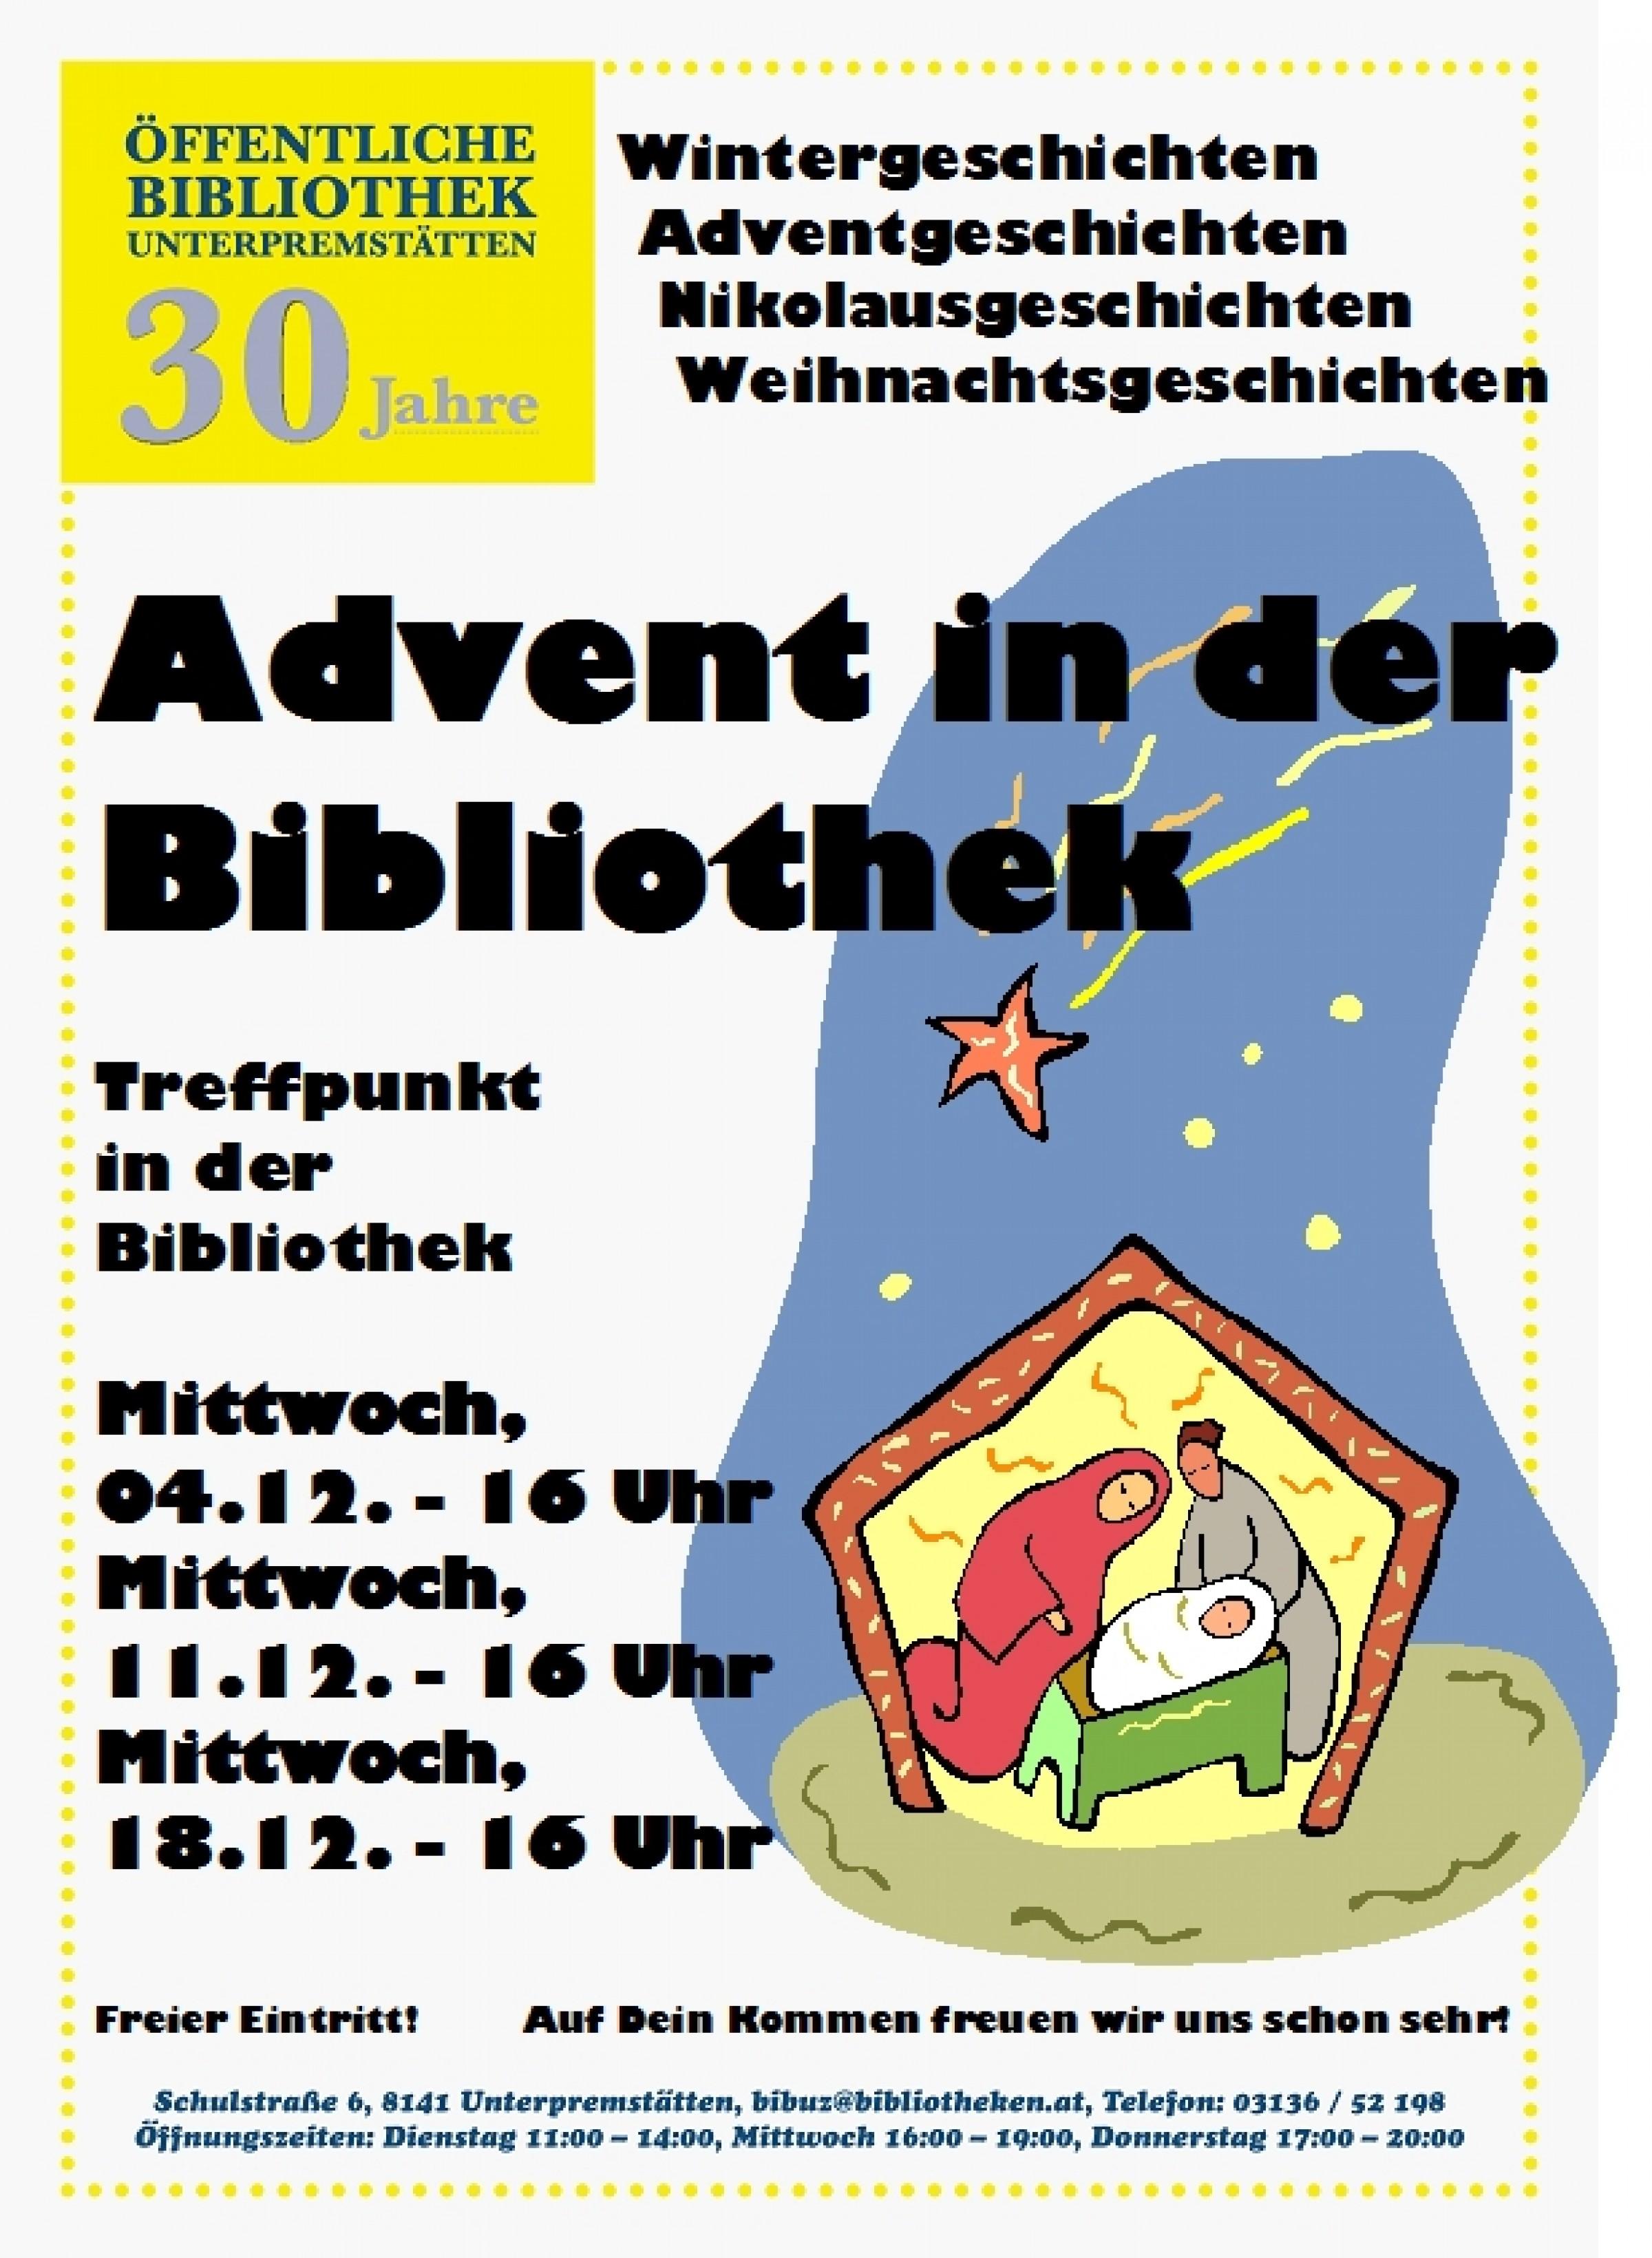 2013 – Advent in der Bibliothek